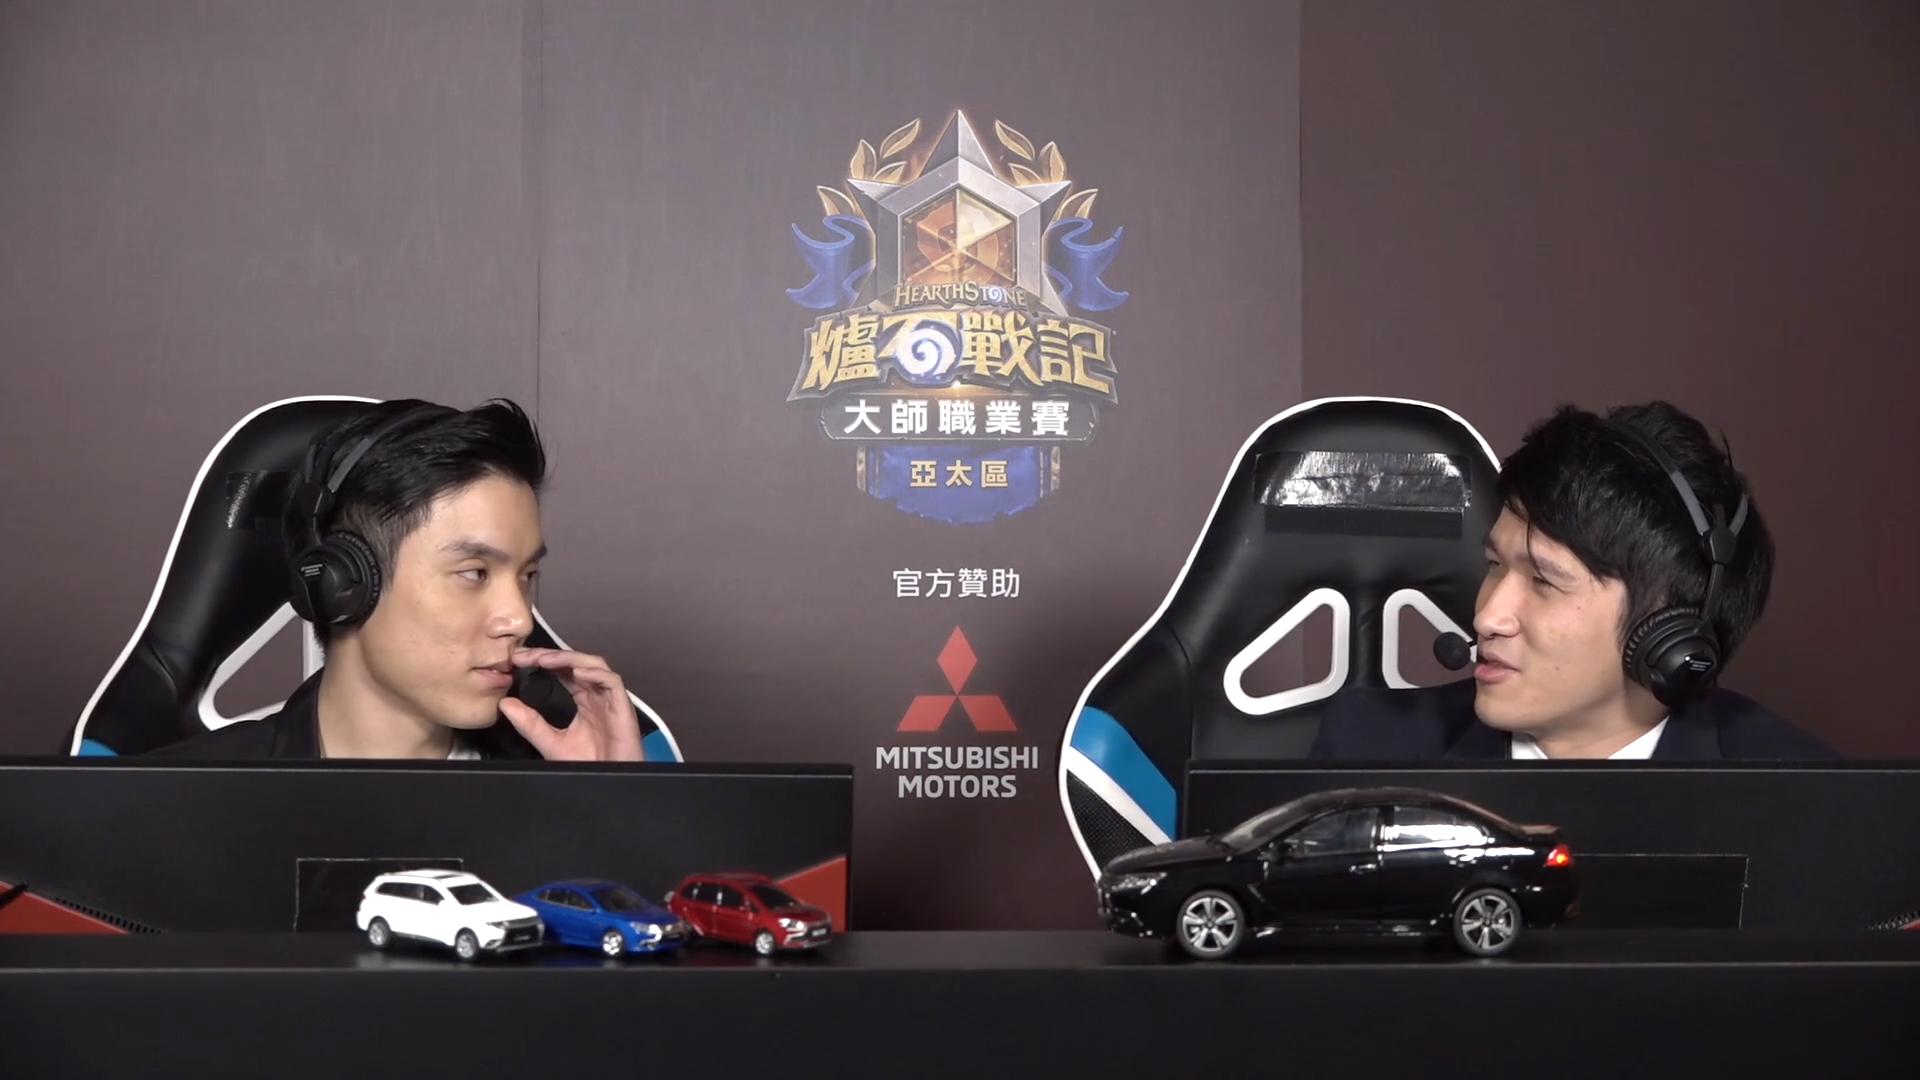 Mitsubishi Taiwan pulls Hearthstone sponsorship after Hong Kong player suspension